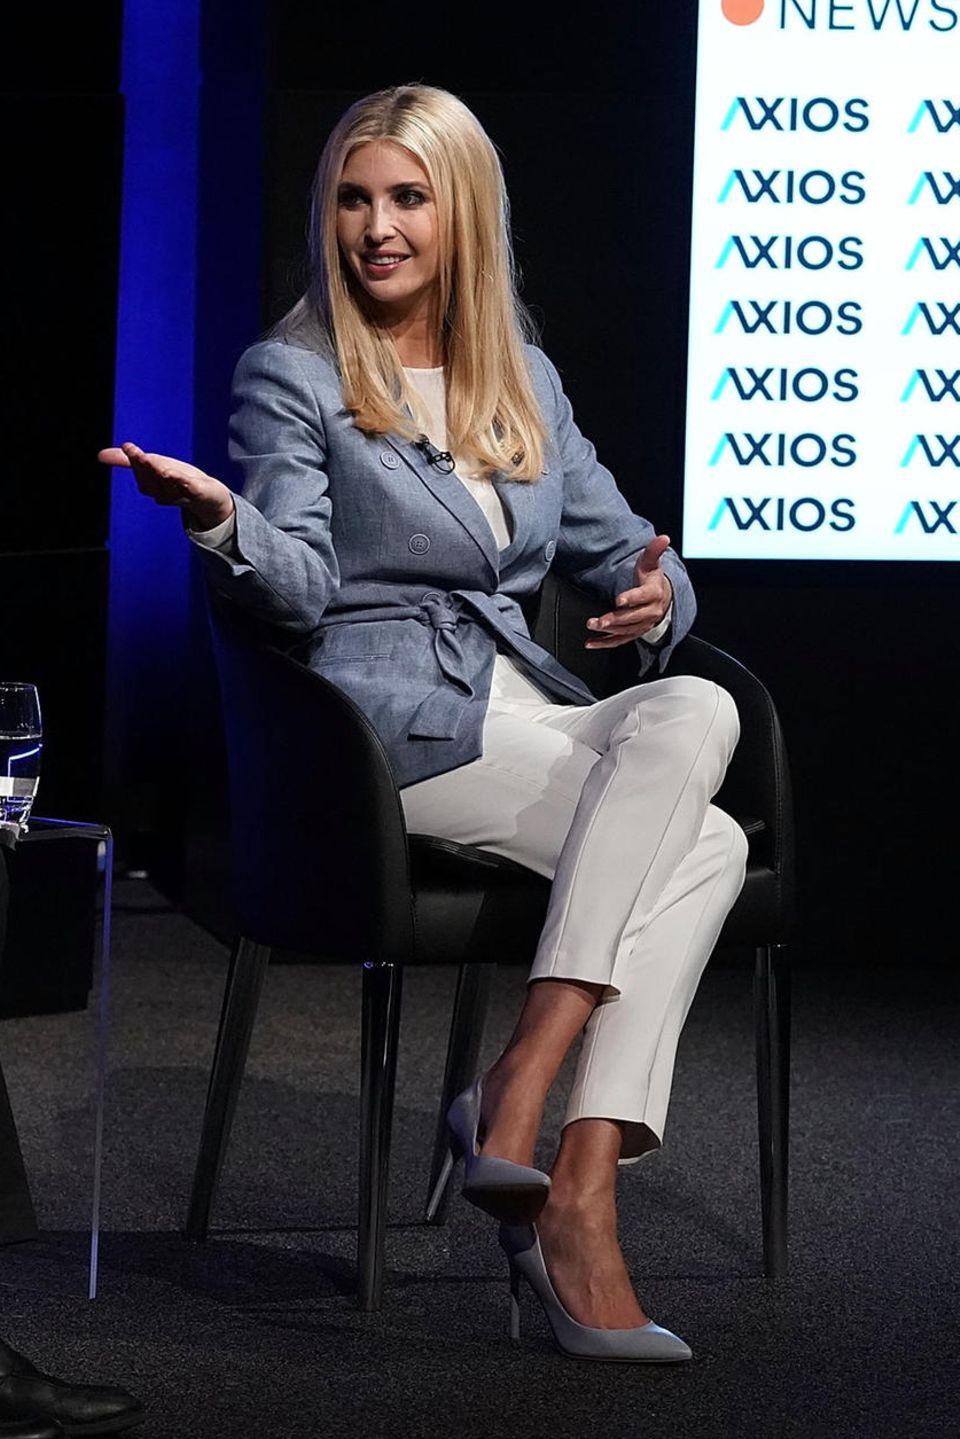 Ein schicker Business-Look besteht bei Ivanka Trump aus einer schlichten Zigarettenhose, hübschen Heels und einem Sakko mit modernem Twist.